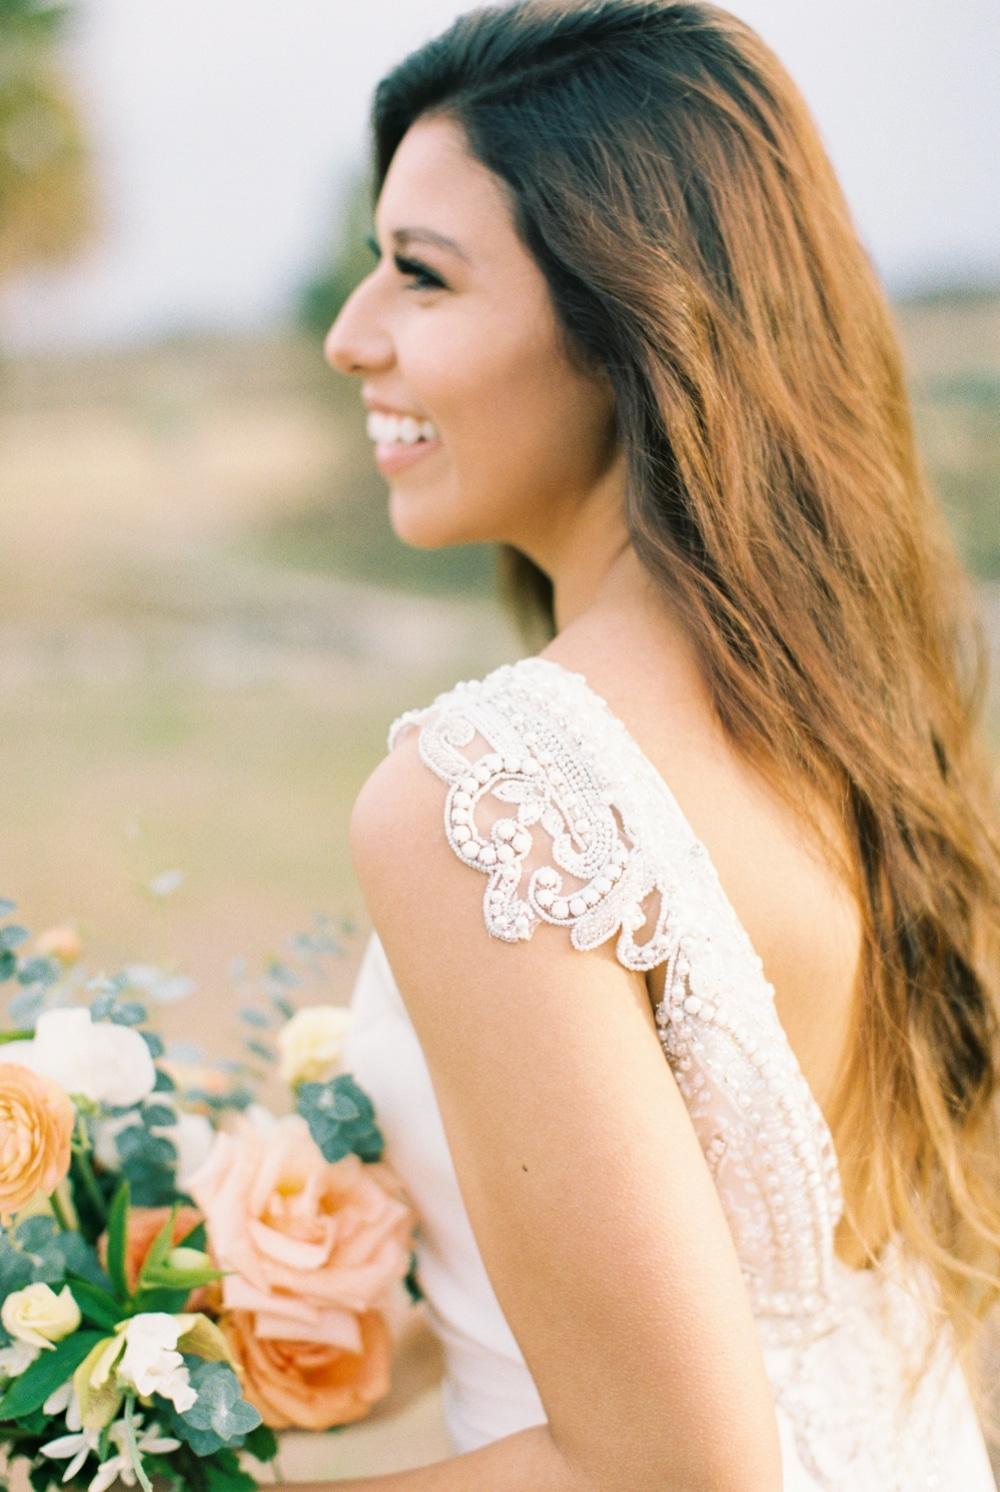 Kristin-La-Voie-Photography-Le-San-Michele-Austin-Wedding-Photographer-18